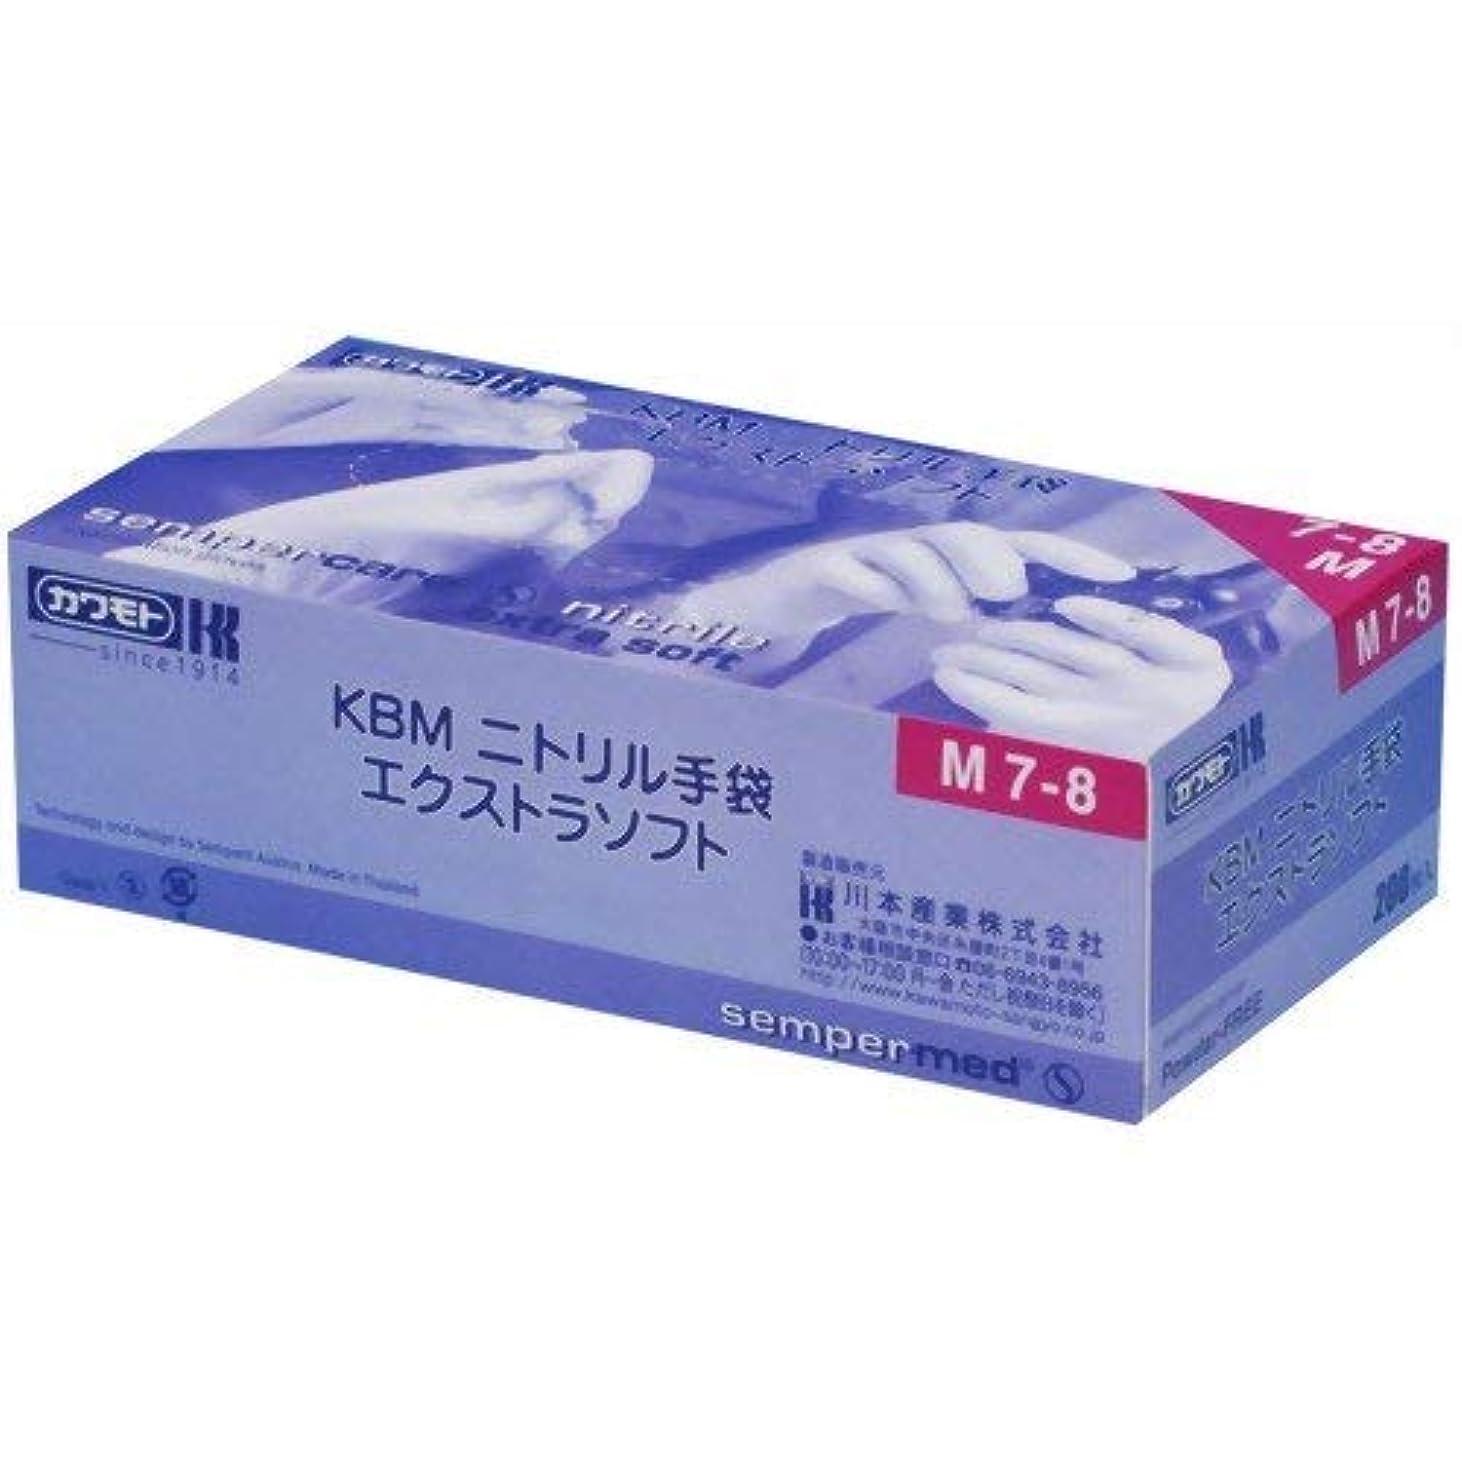 川本産業 KBMニトリル手袋 エクストラソフト S 200枚入 × 48個セット